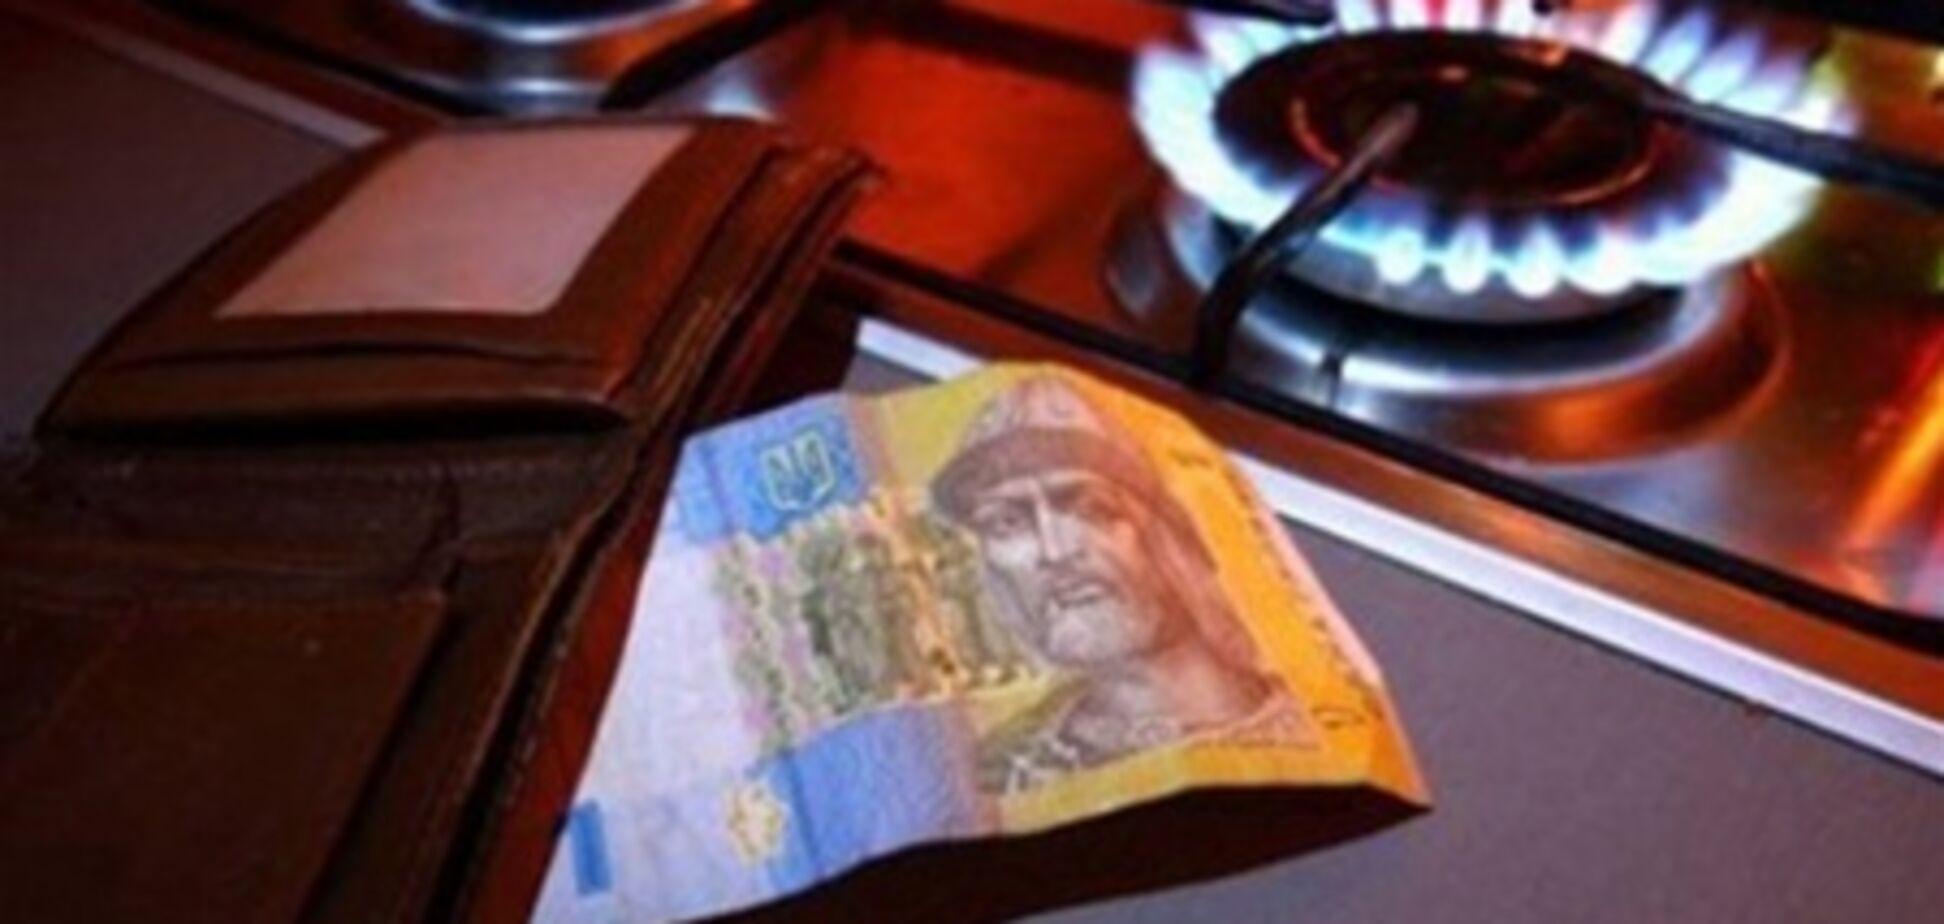 Повышение тарифов на газ затормозит экономический рост - эксперт